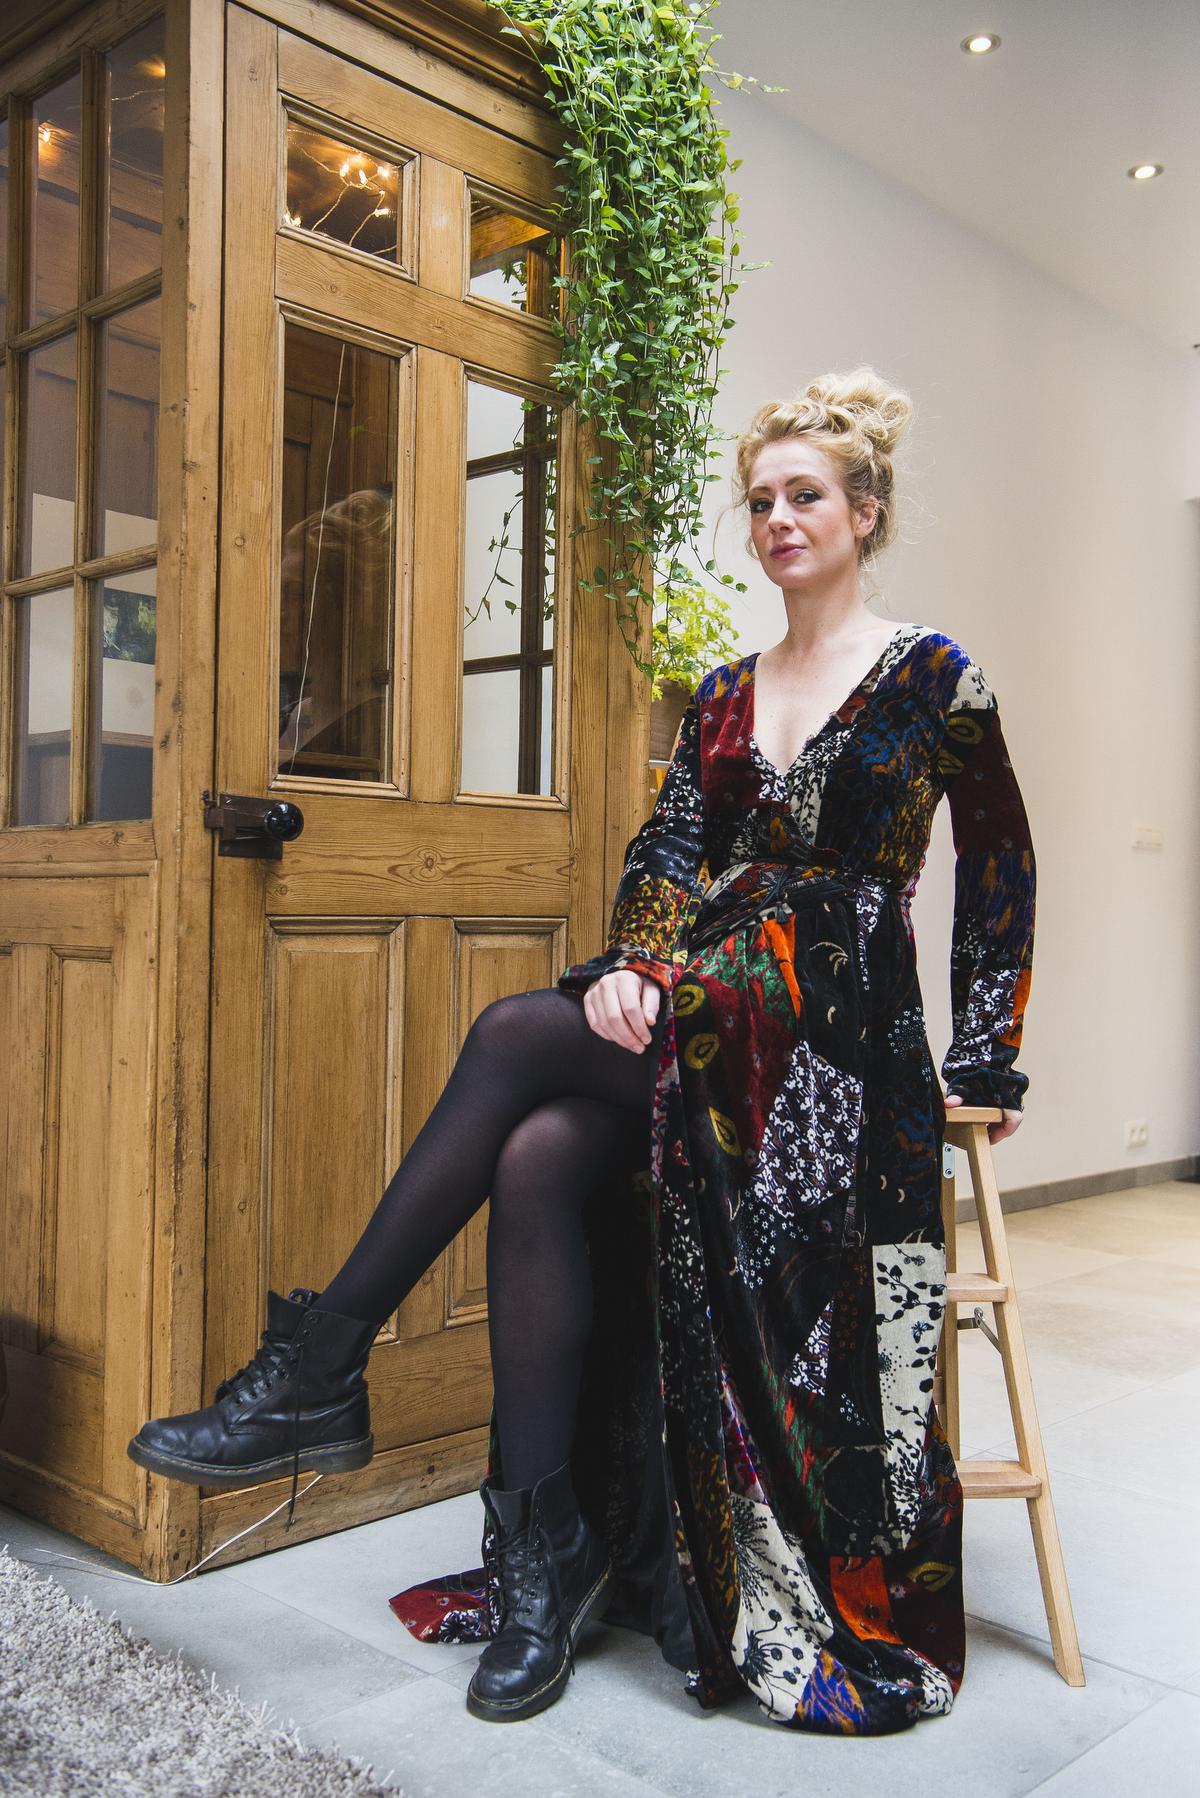 Mijn Chloé-kleed hielp me door moeilijke tijden. (foto Olaf Verhaeghe) ©Olaf Verhaeghe